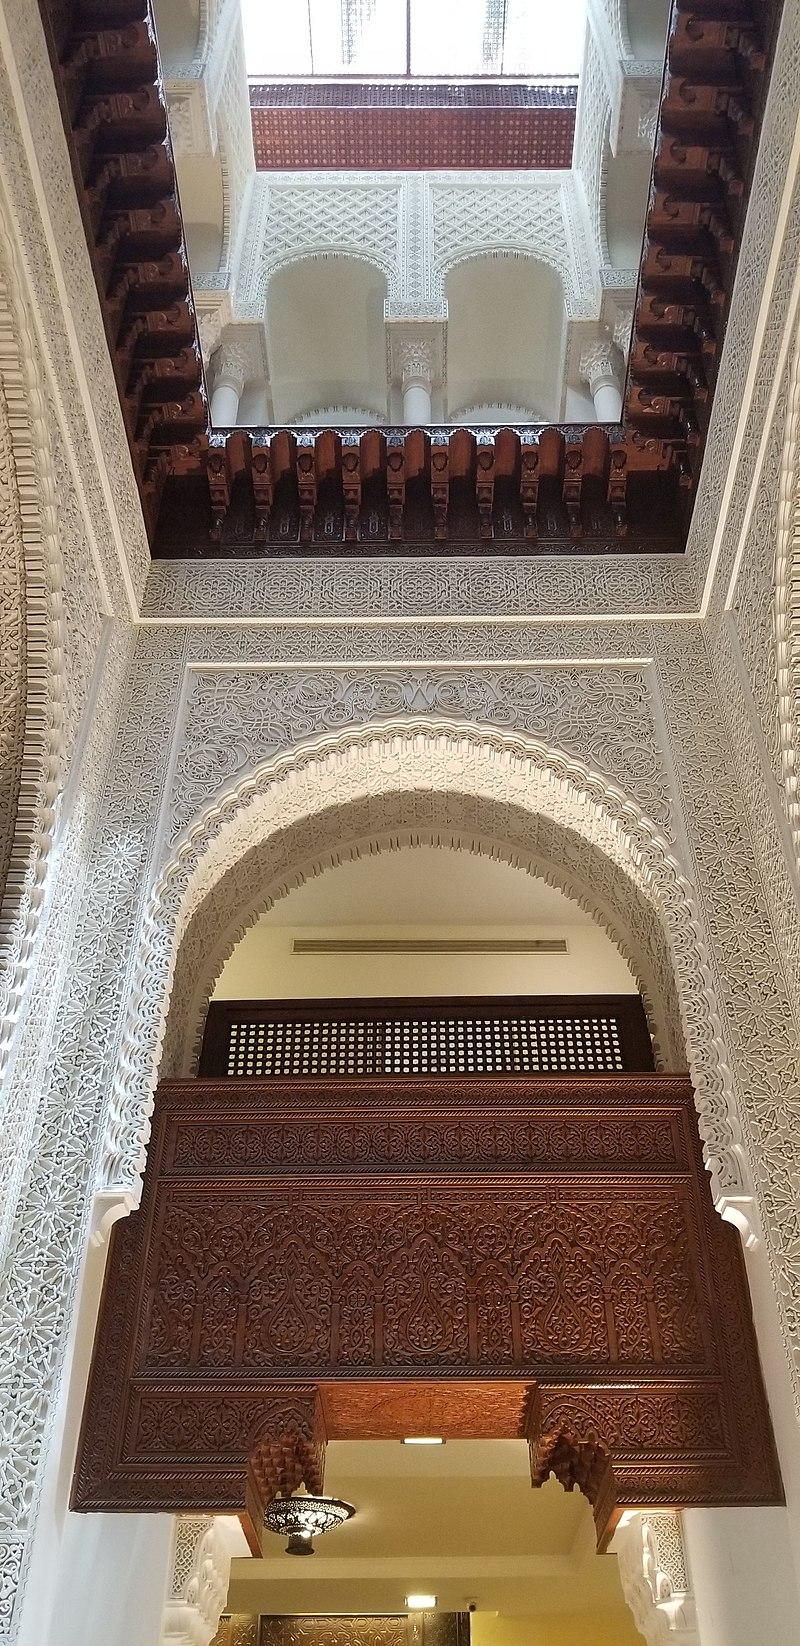 המרכז העולמי למורשת יהדות צפון אפריקה